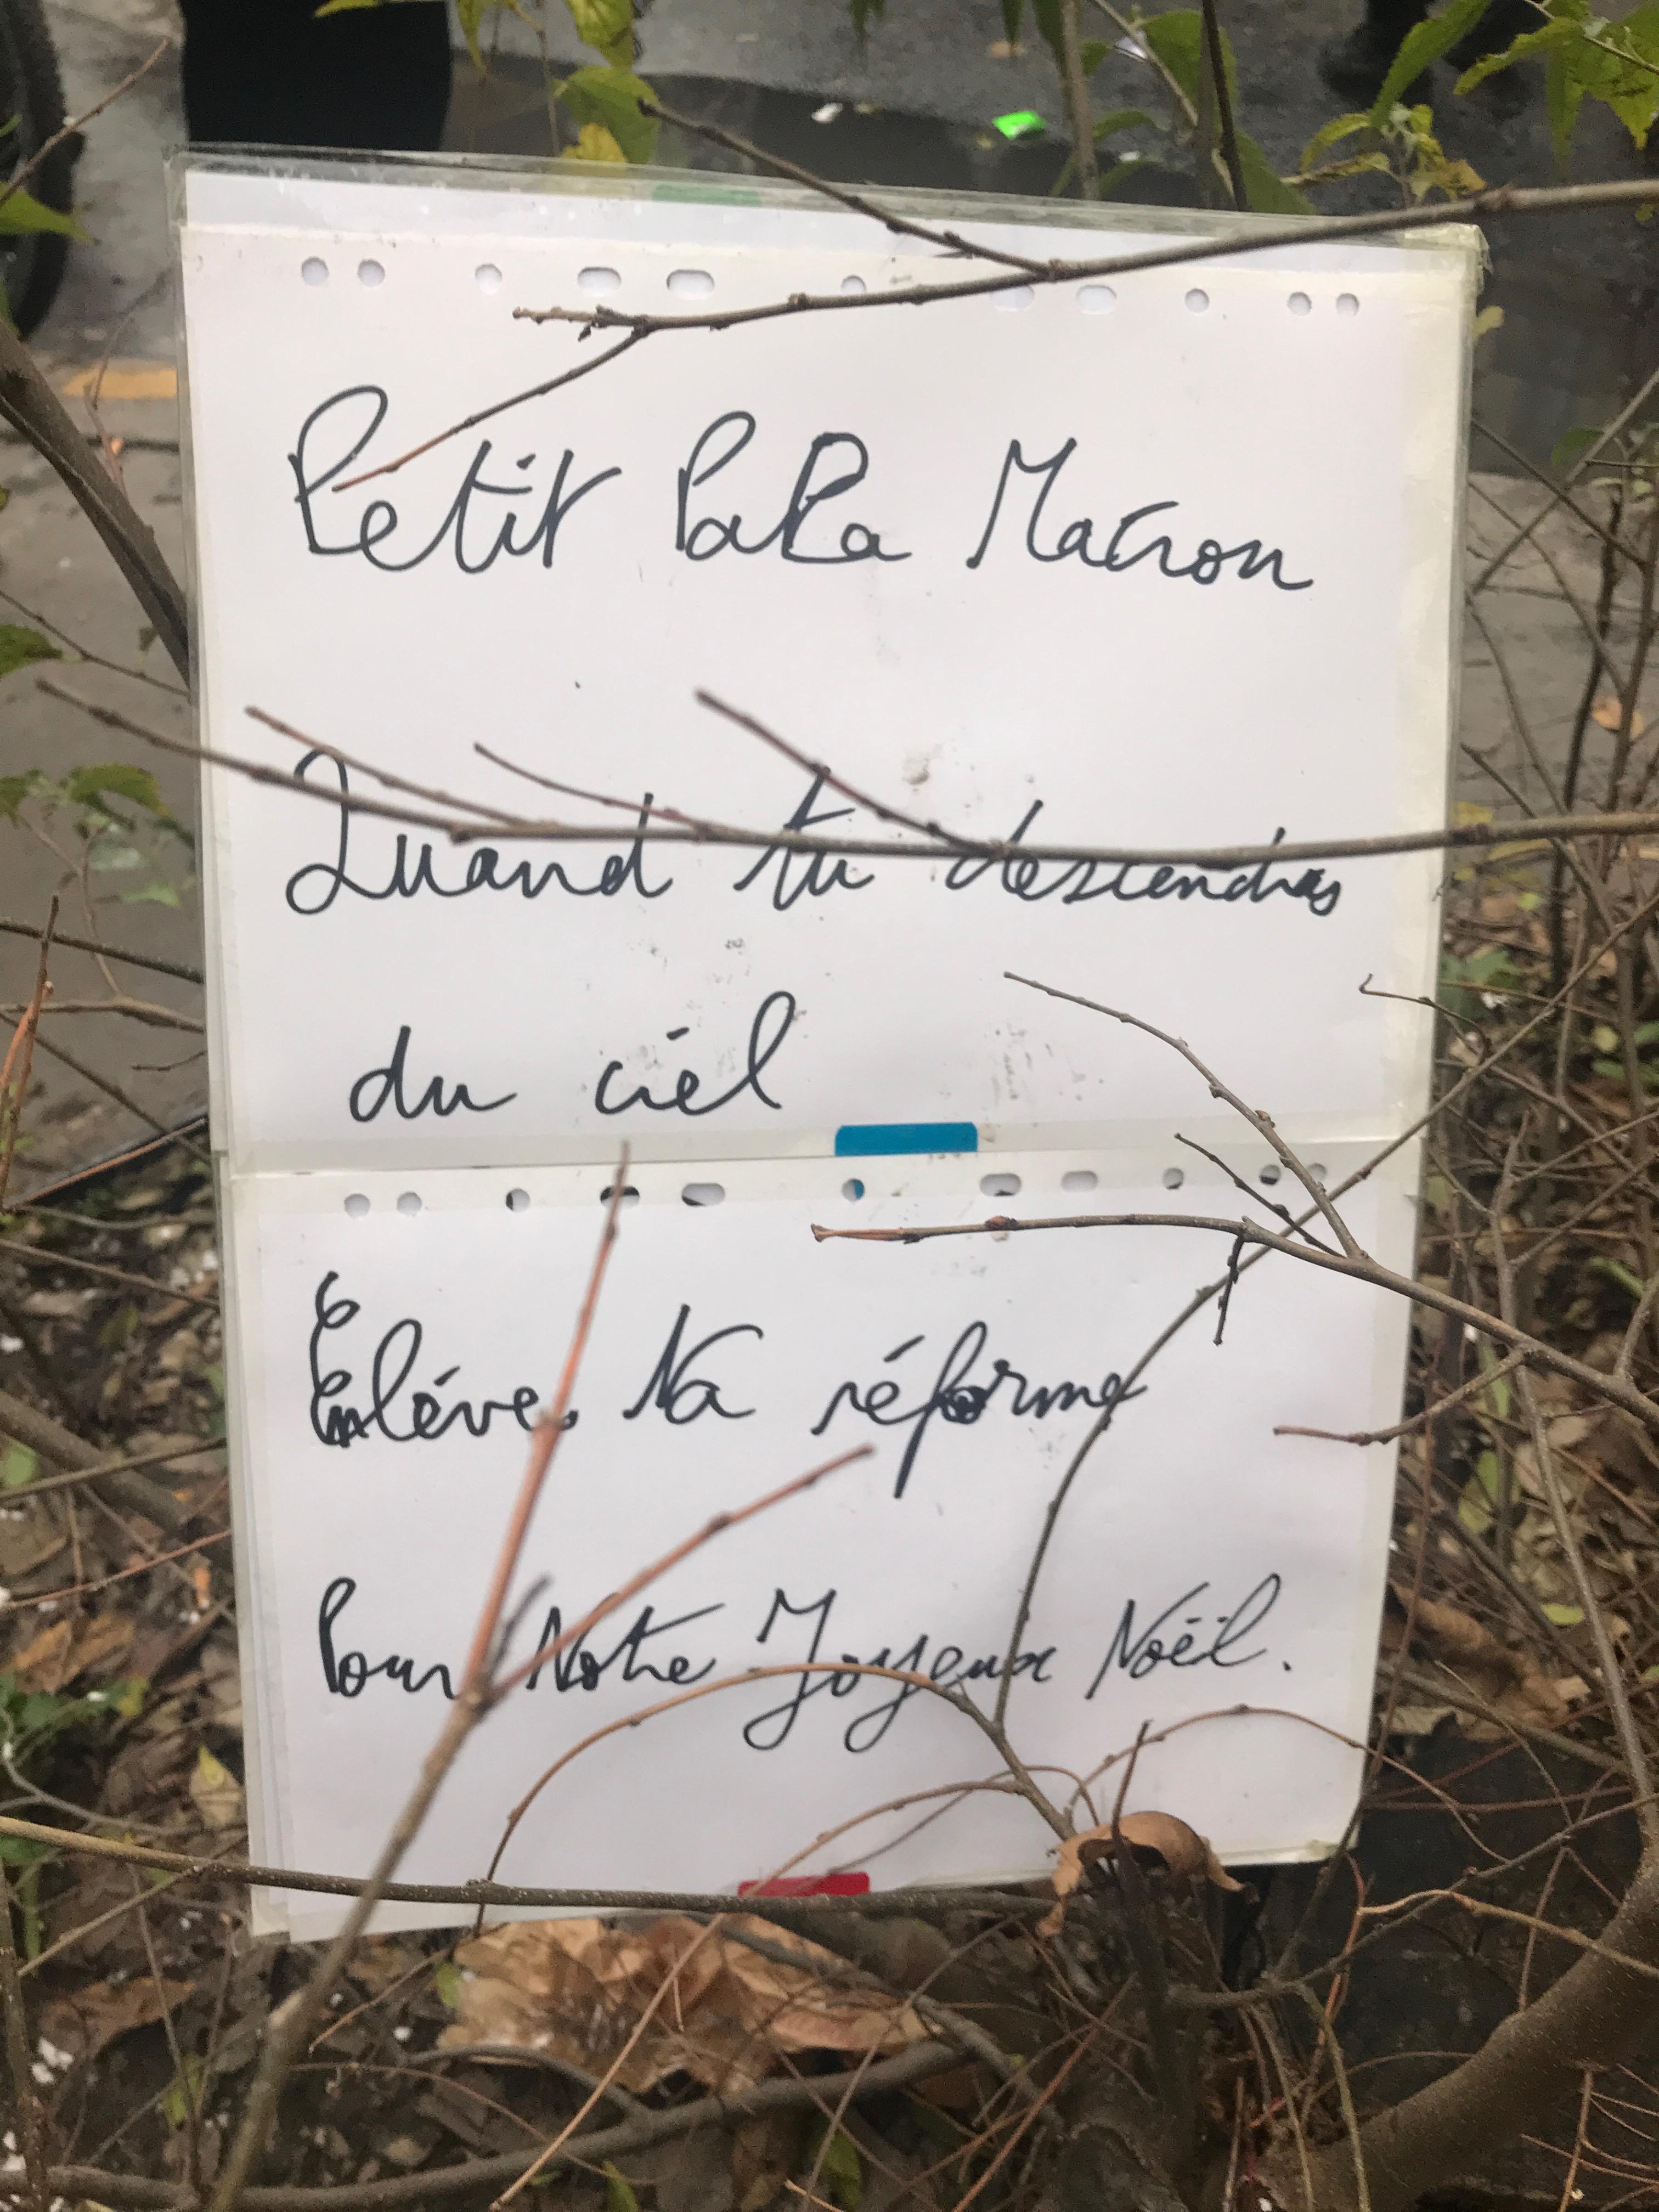 retraites-manif-Paris-lettre